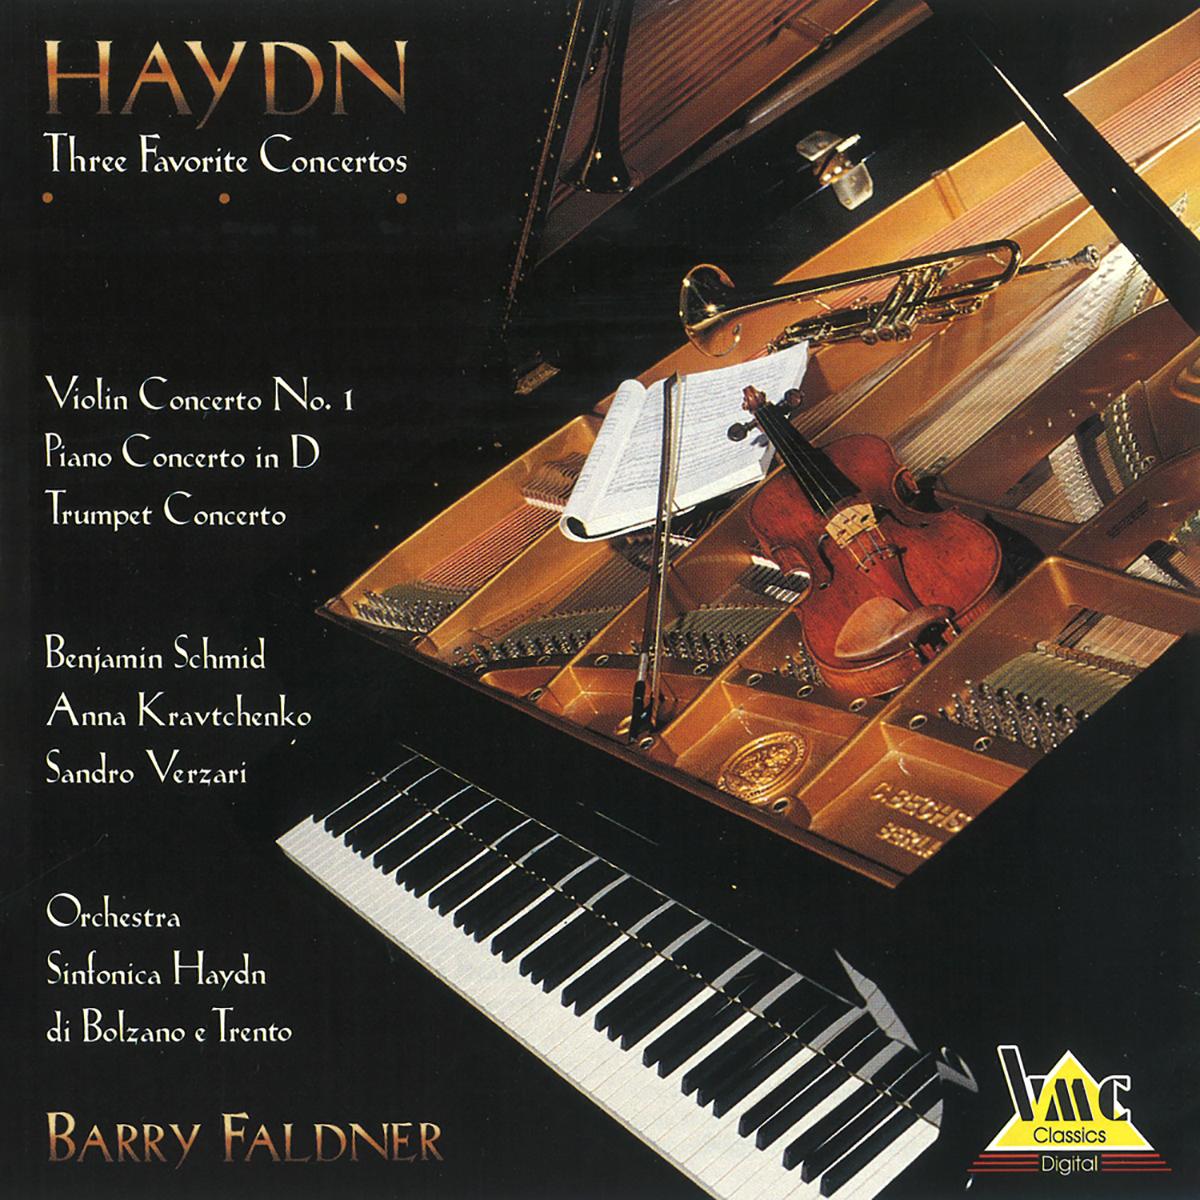 Haydn - Concerto per violino n. 1, Concerto per pianoforte n. 1, Concerto per tromba